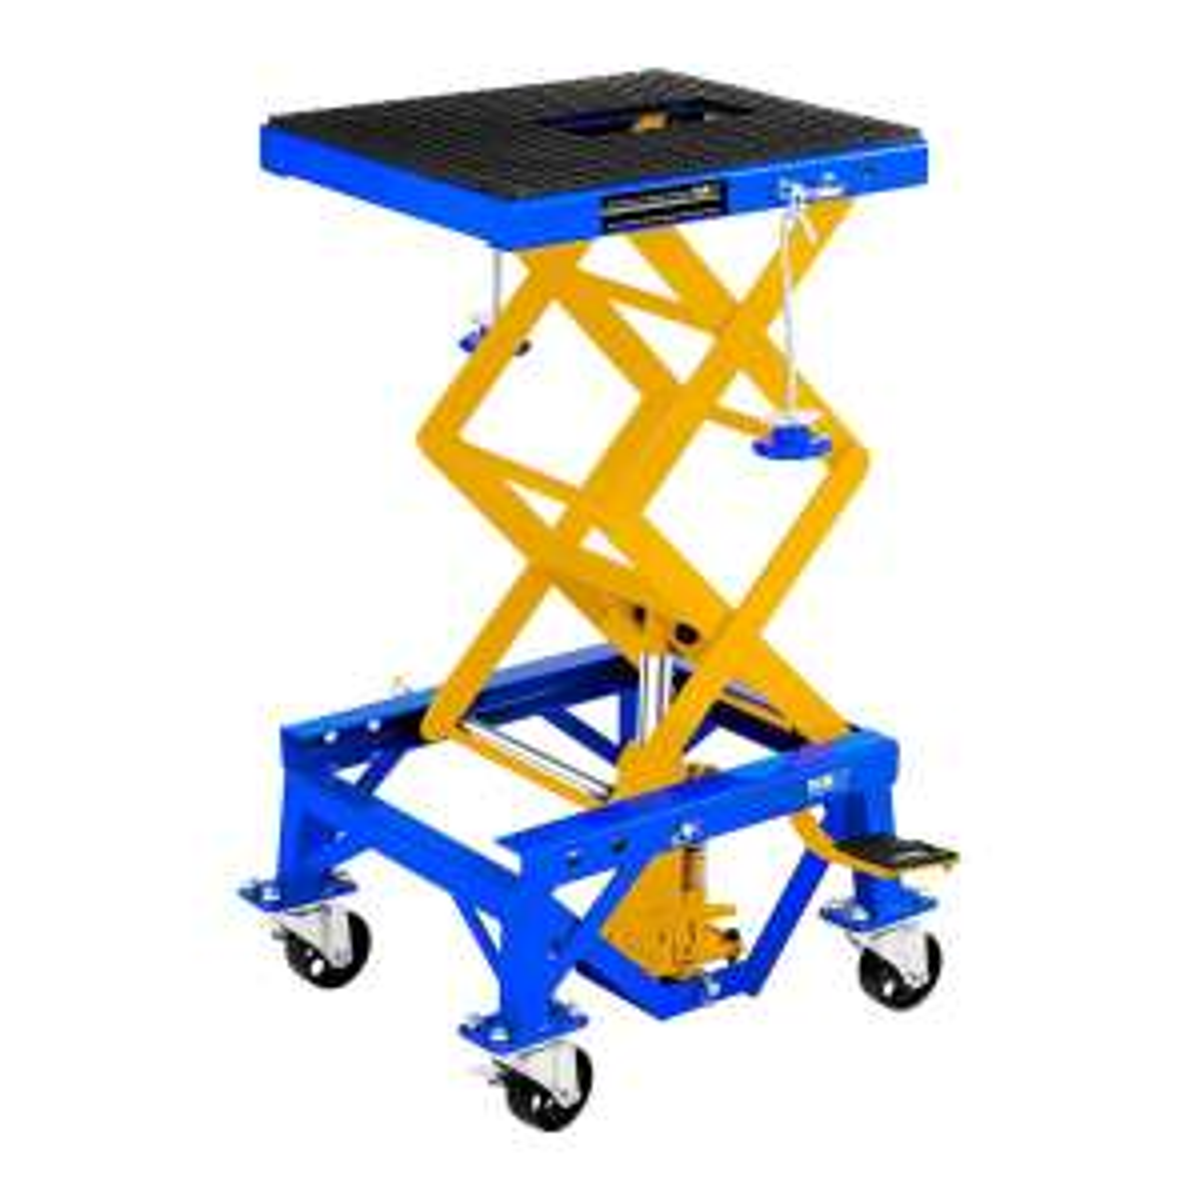 Table élévatrice mobile - 135 kg (expondo.fr)